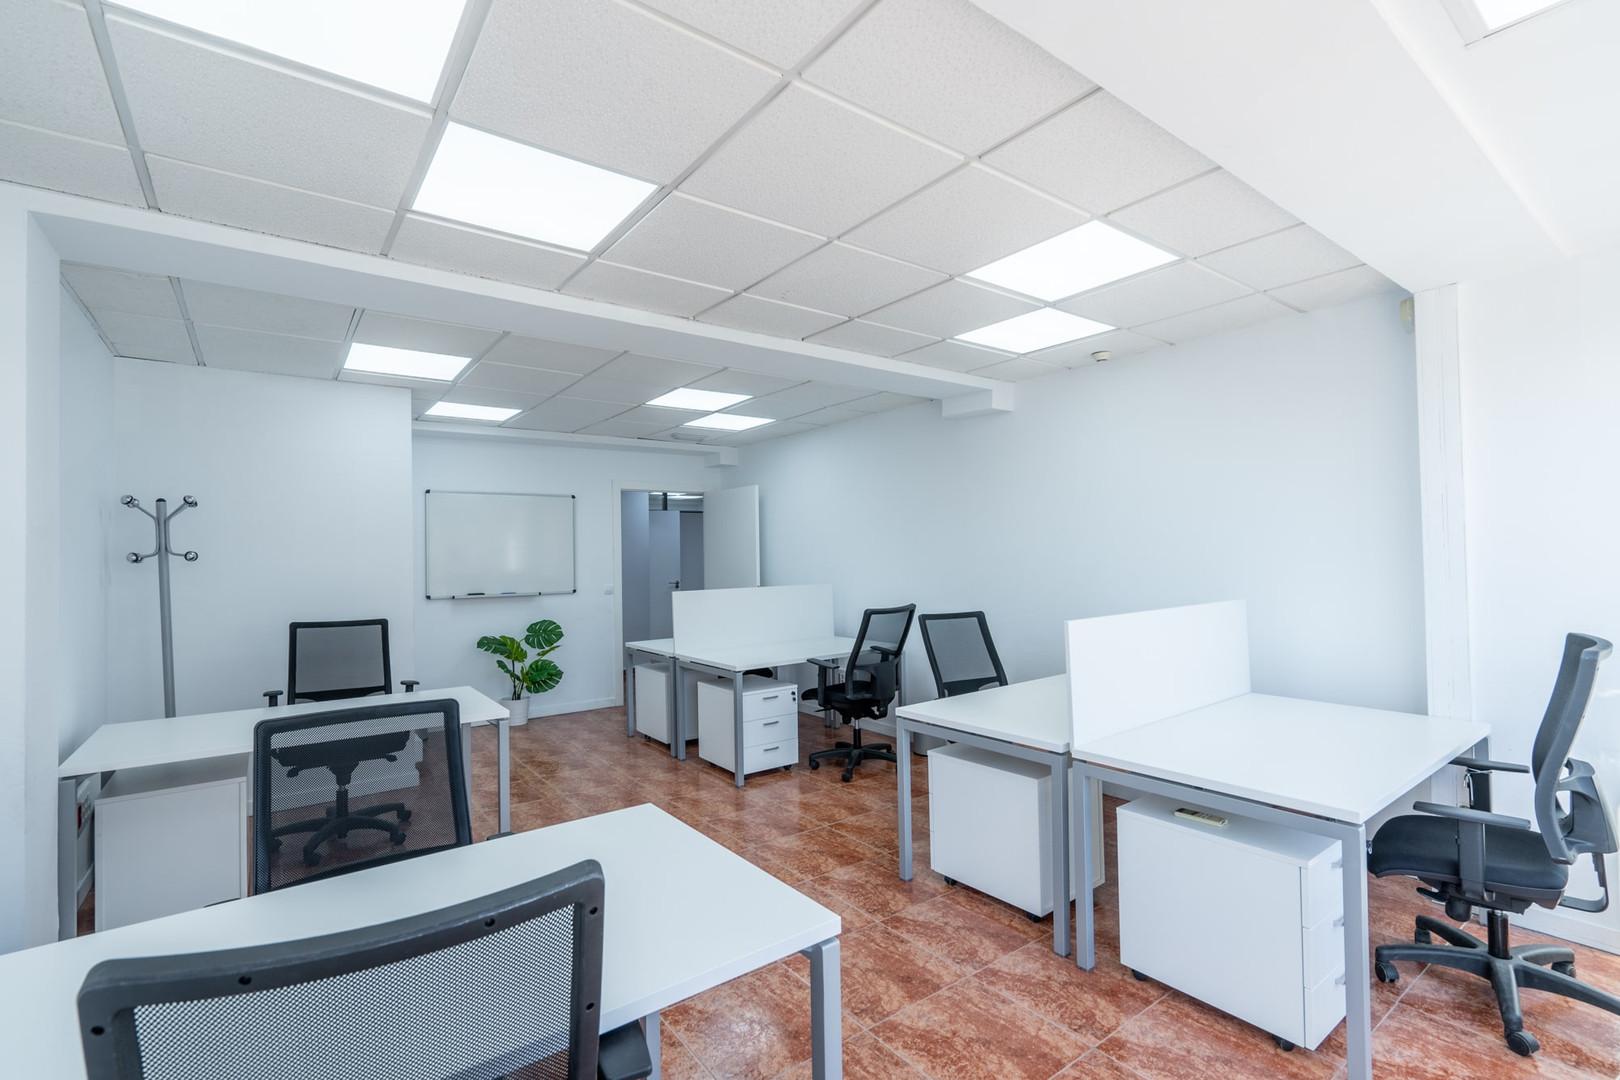 Oficina para 7 personas